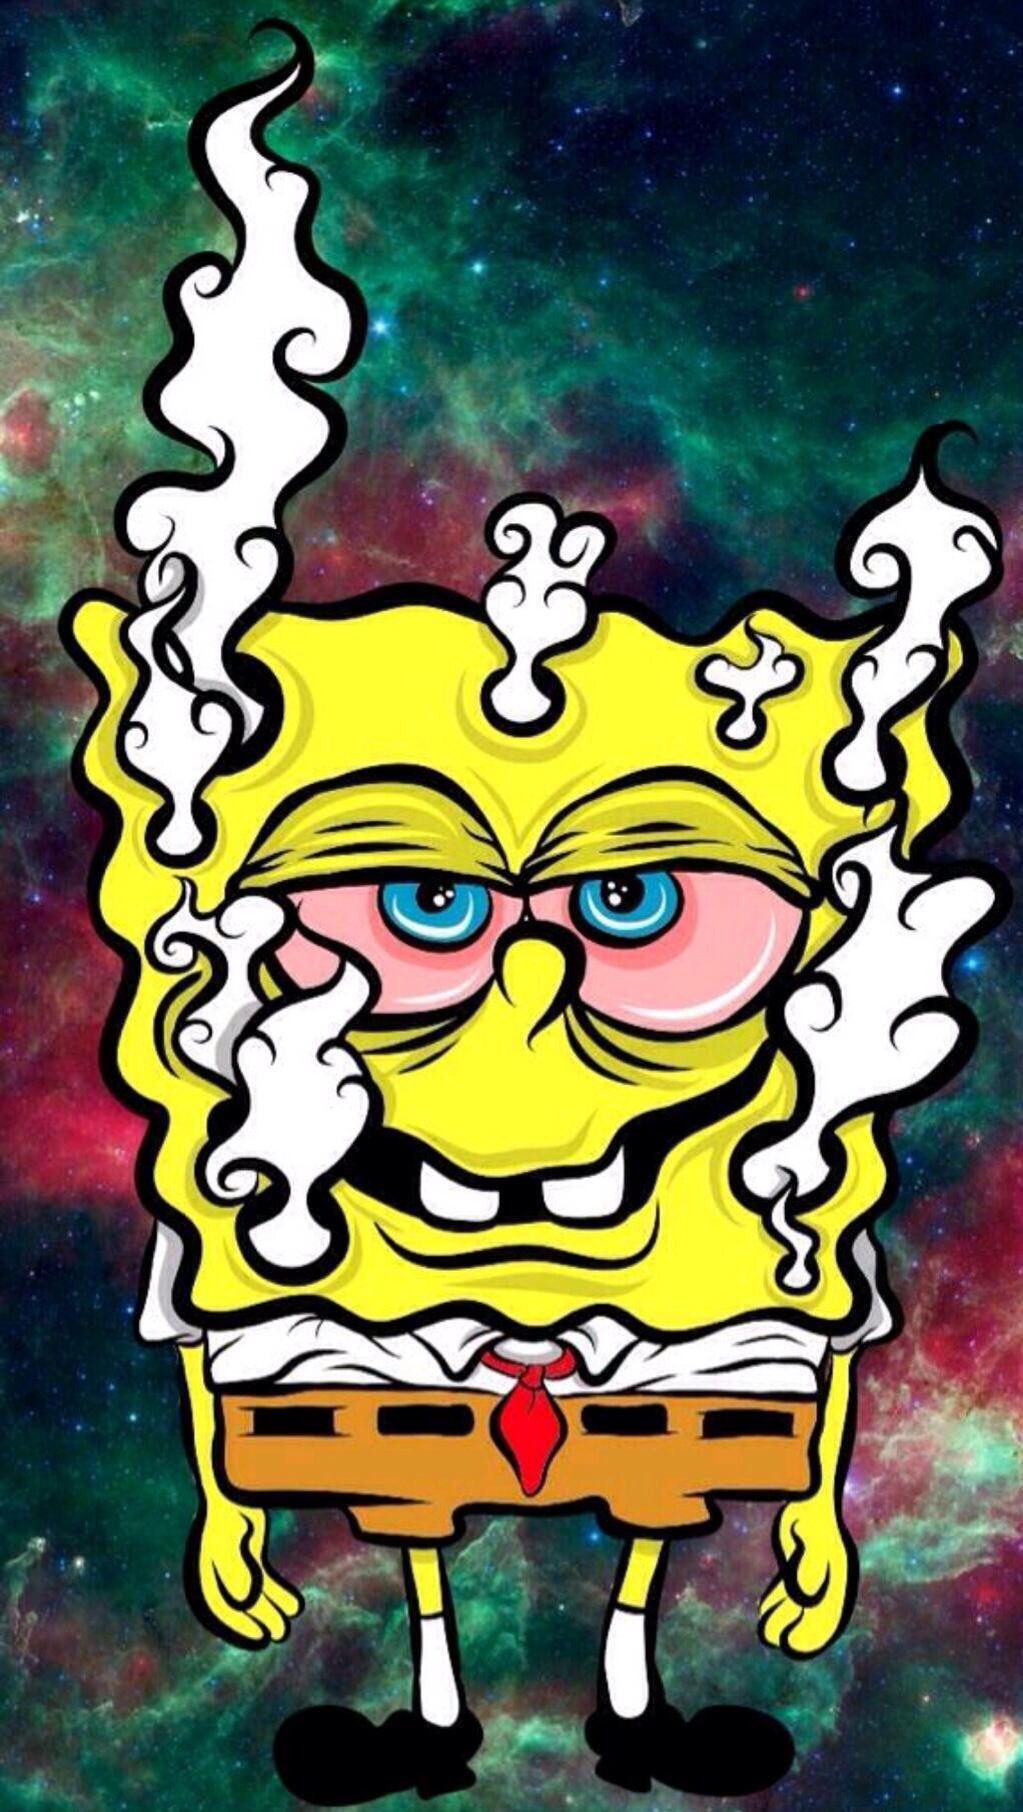 Spongebob Weed Wallpapers Wallpaper Cave